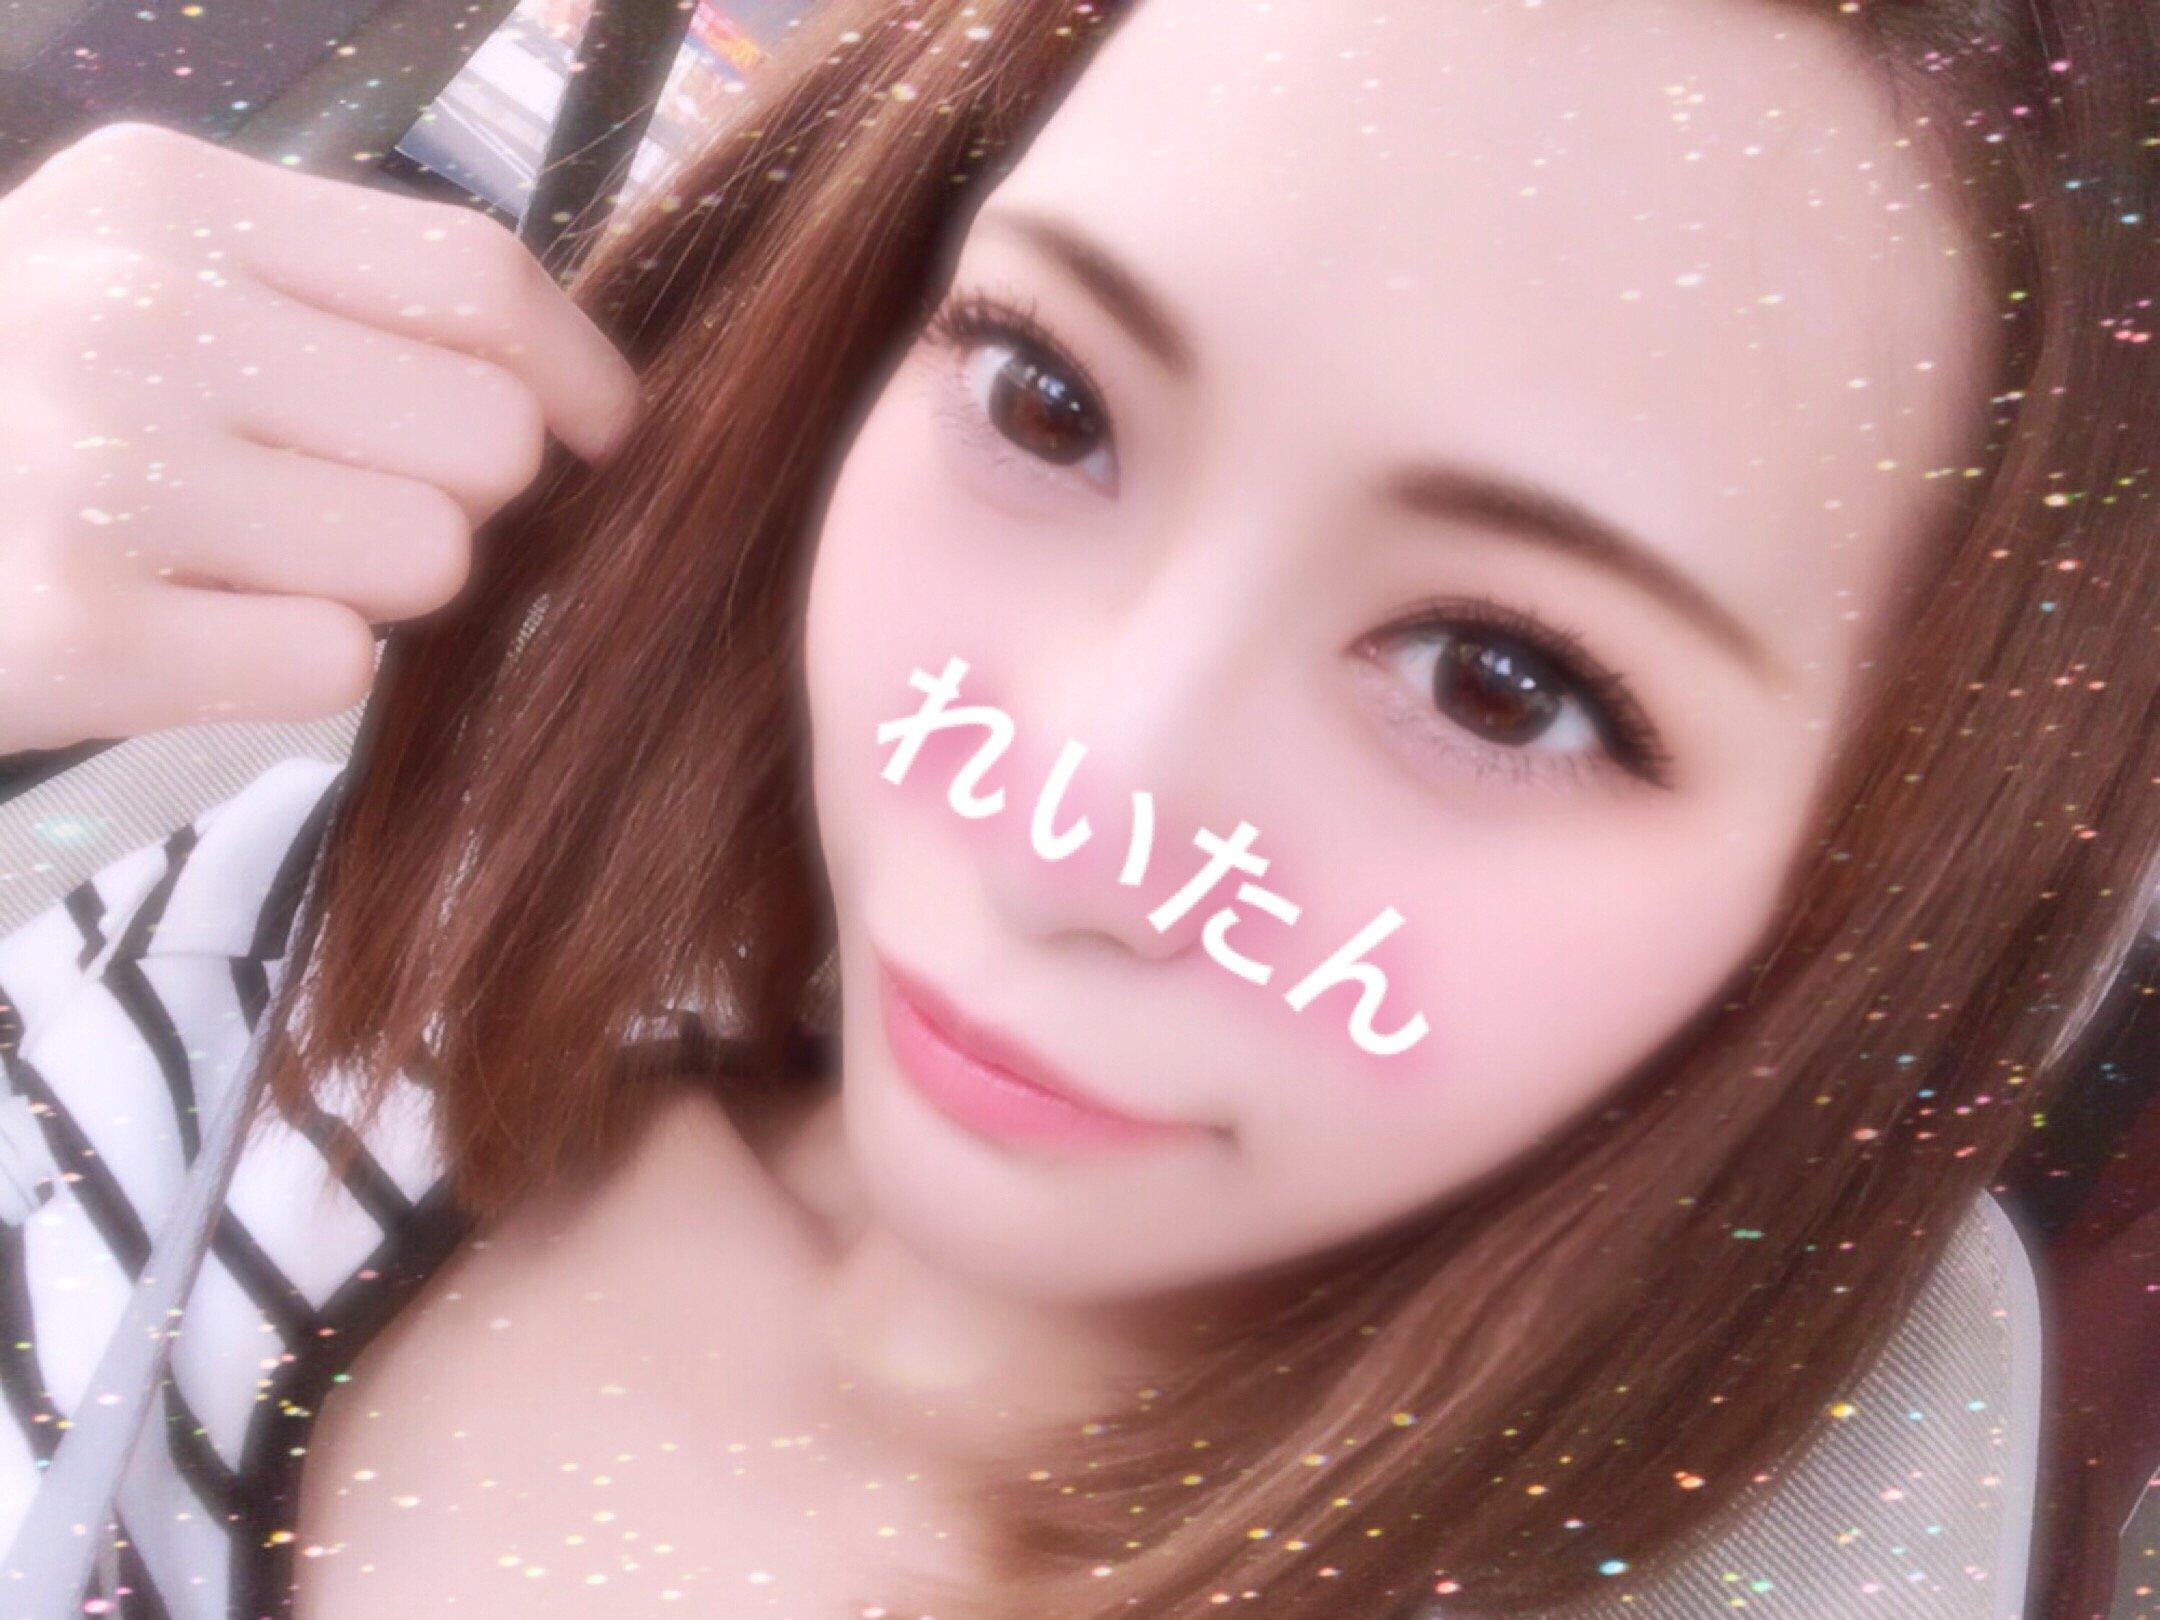 08/26のツイート画像